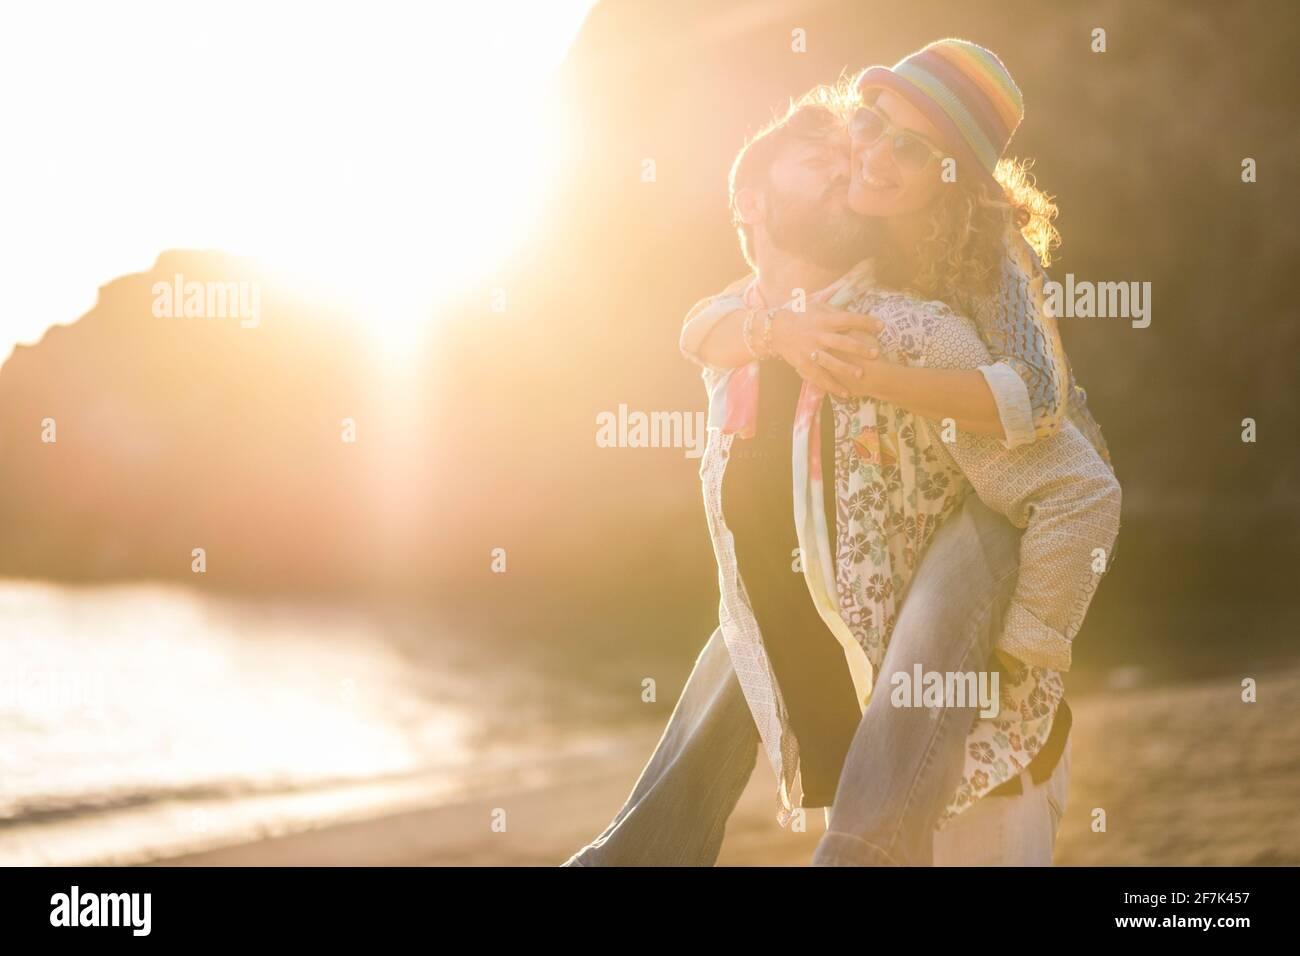 Couple caucasien adulte s'amuser ensemble dans le pigegyback - homme porter la femme et rire beaucoup avec l'amour et le bonheur à la plage avec coucher de soleil lumière incroyable Banque D'Images